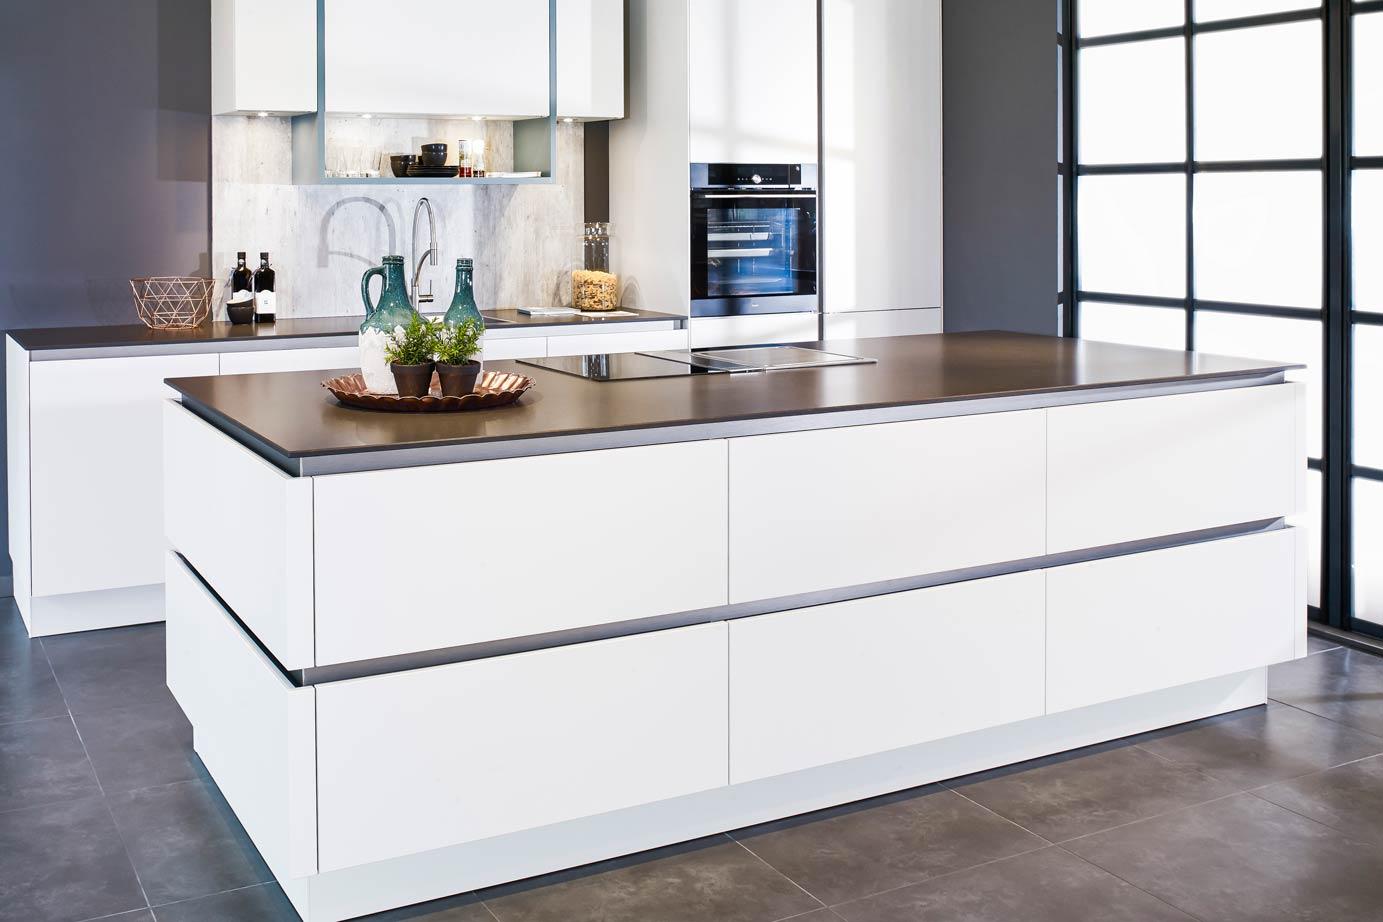 Witte Keuken Design : Witte keuken gevoel van rust en ruimte laat u inspireren db